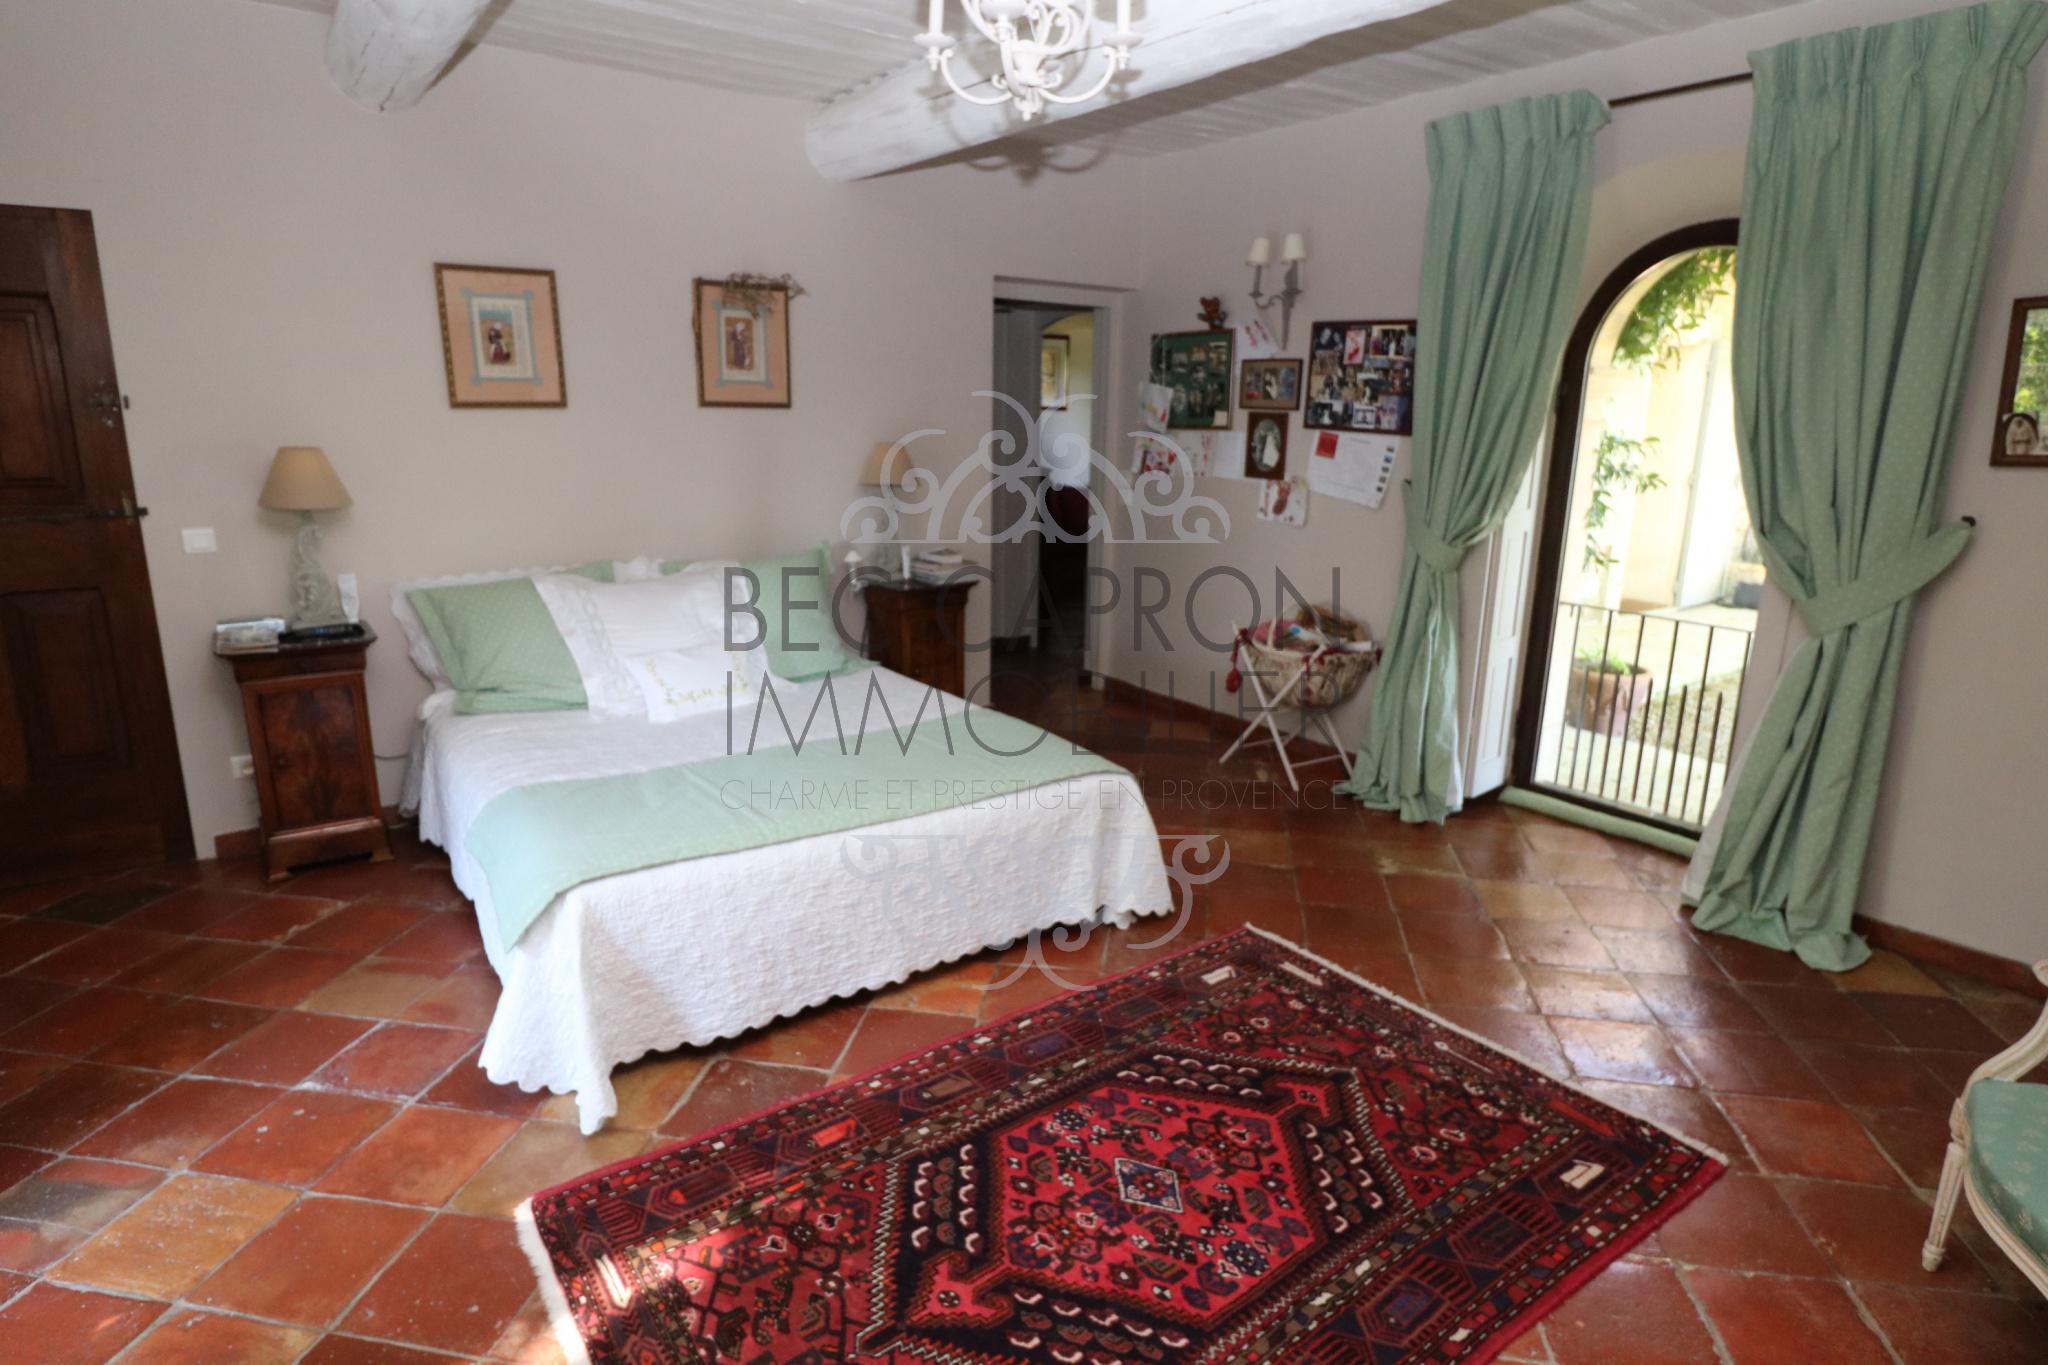 Grande chambre avec tomette ancienne et chauffage au sol